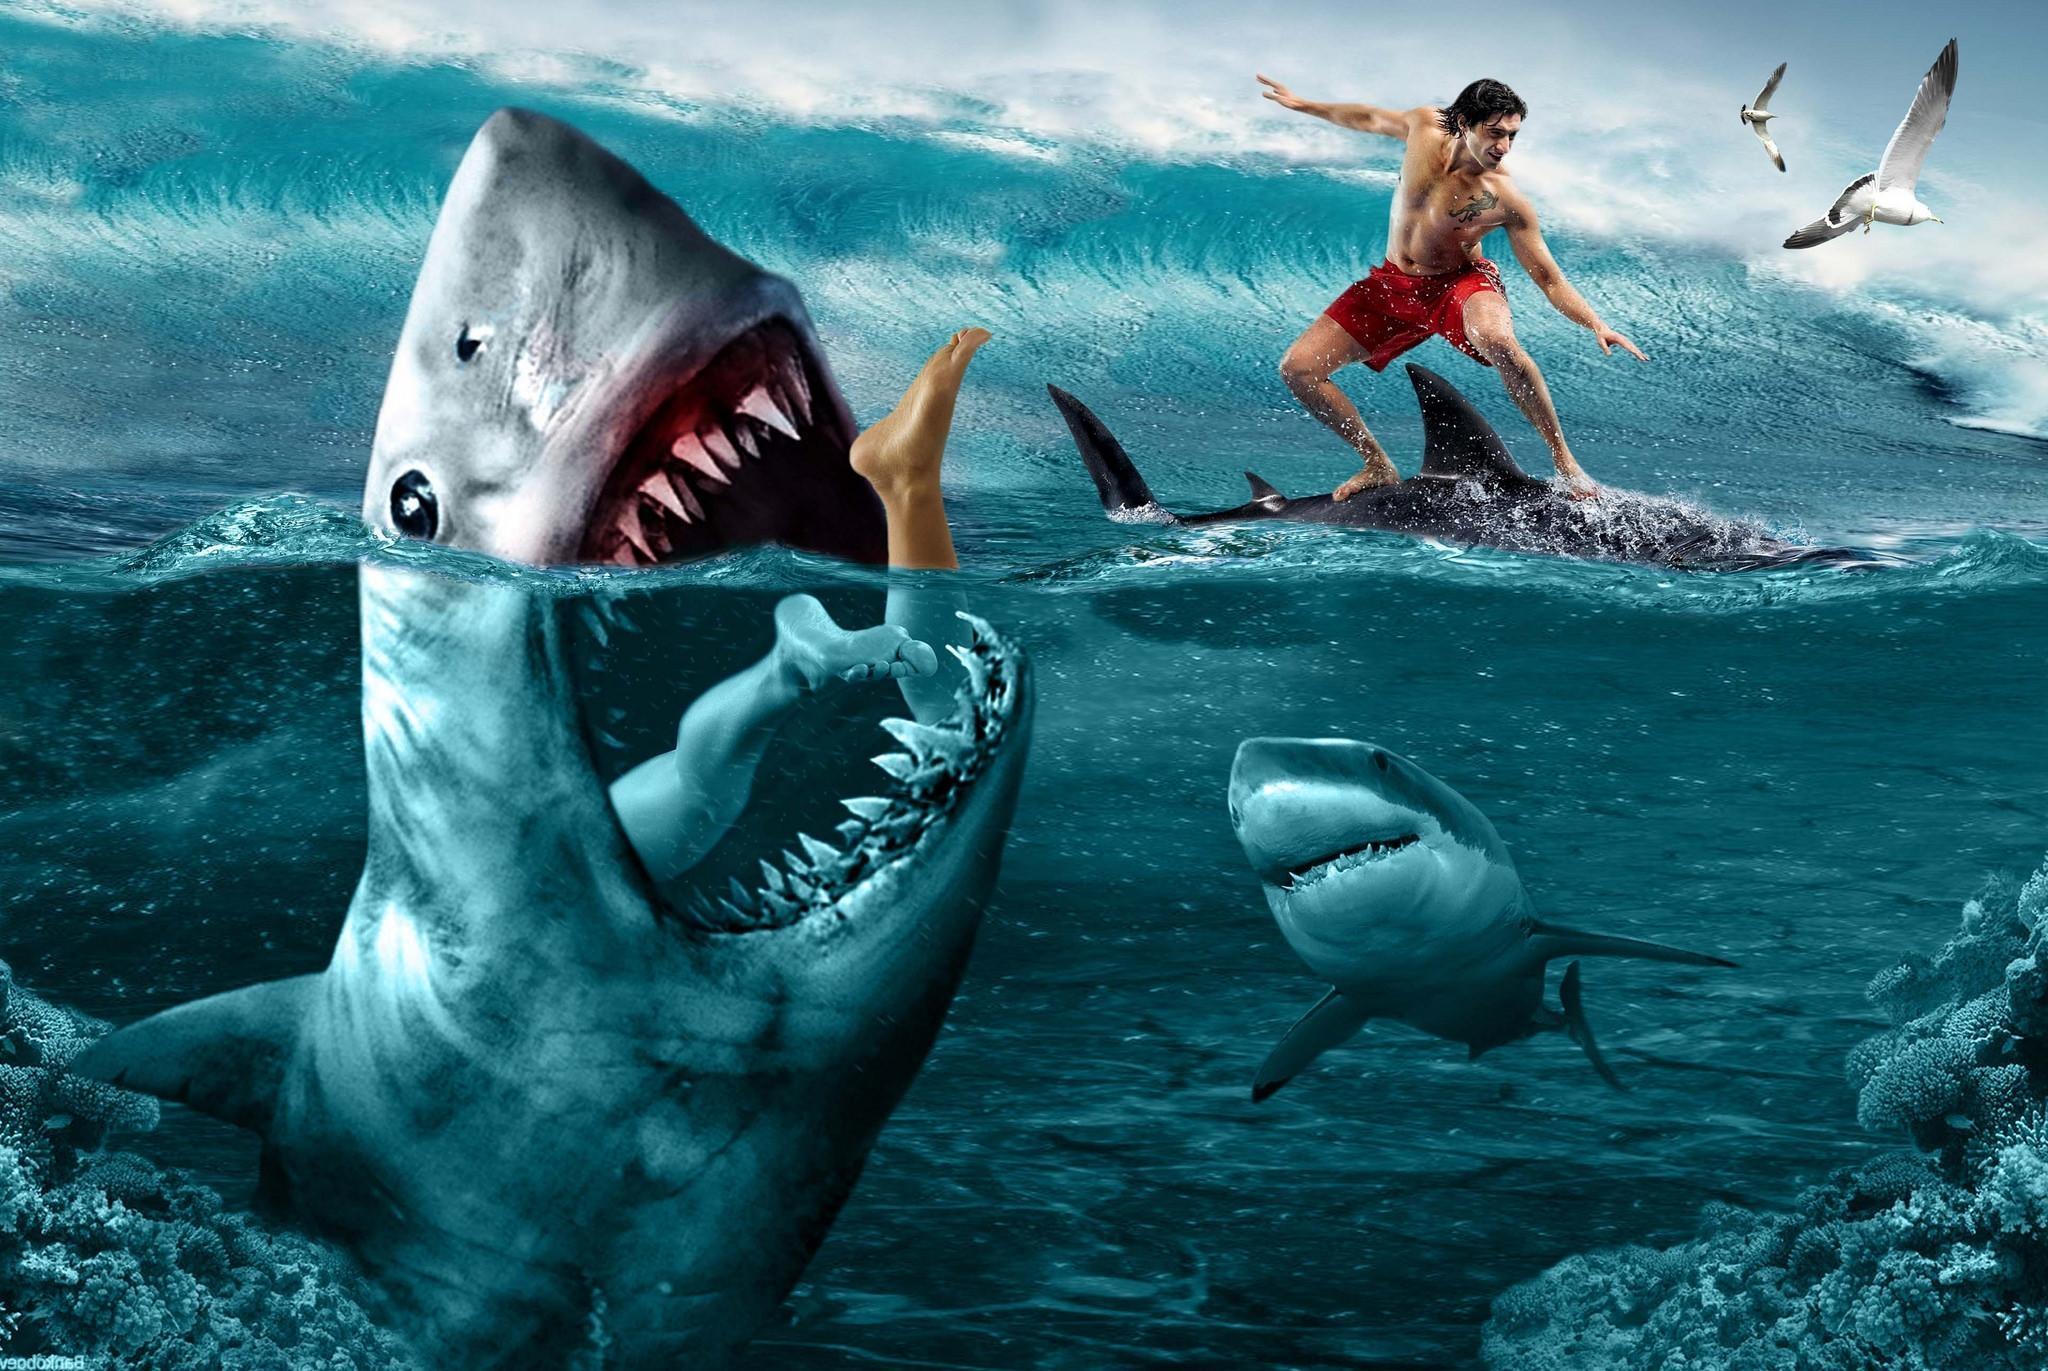 Картинки на телефон акула   подборка (18)